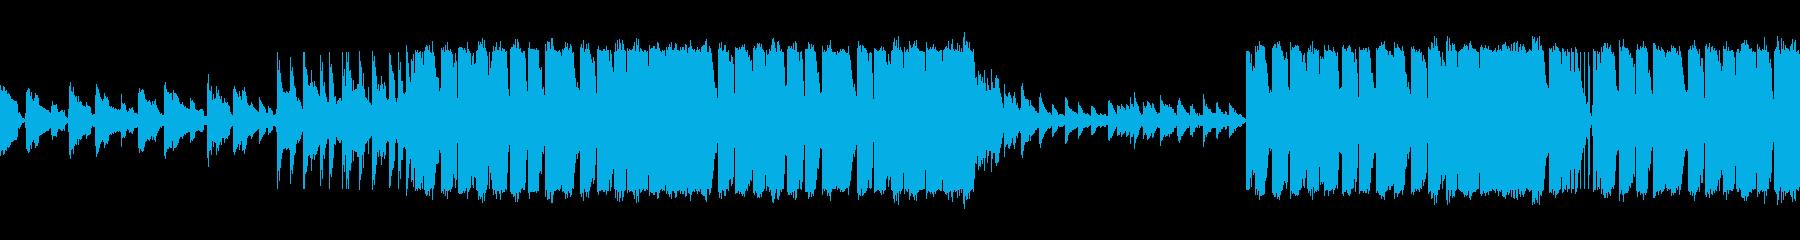 ピアノとバイオリンがあるクラシックEDMの再生済みの波形